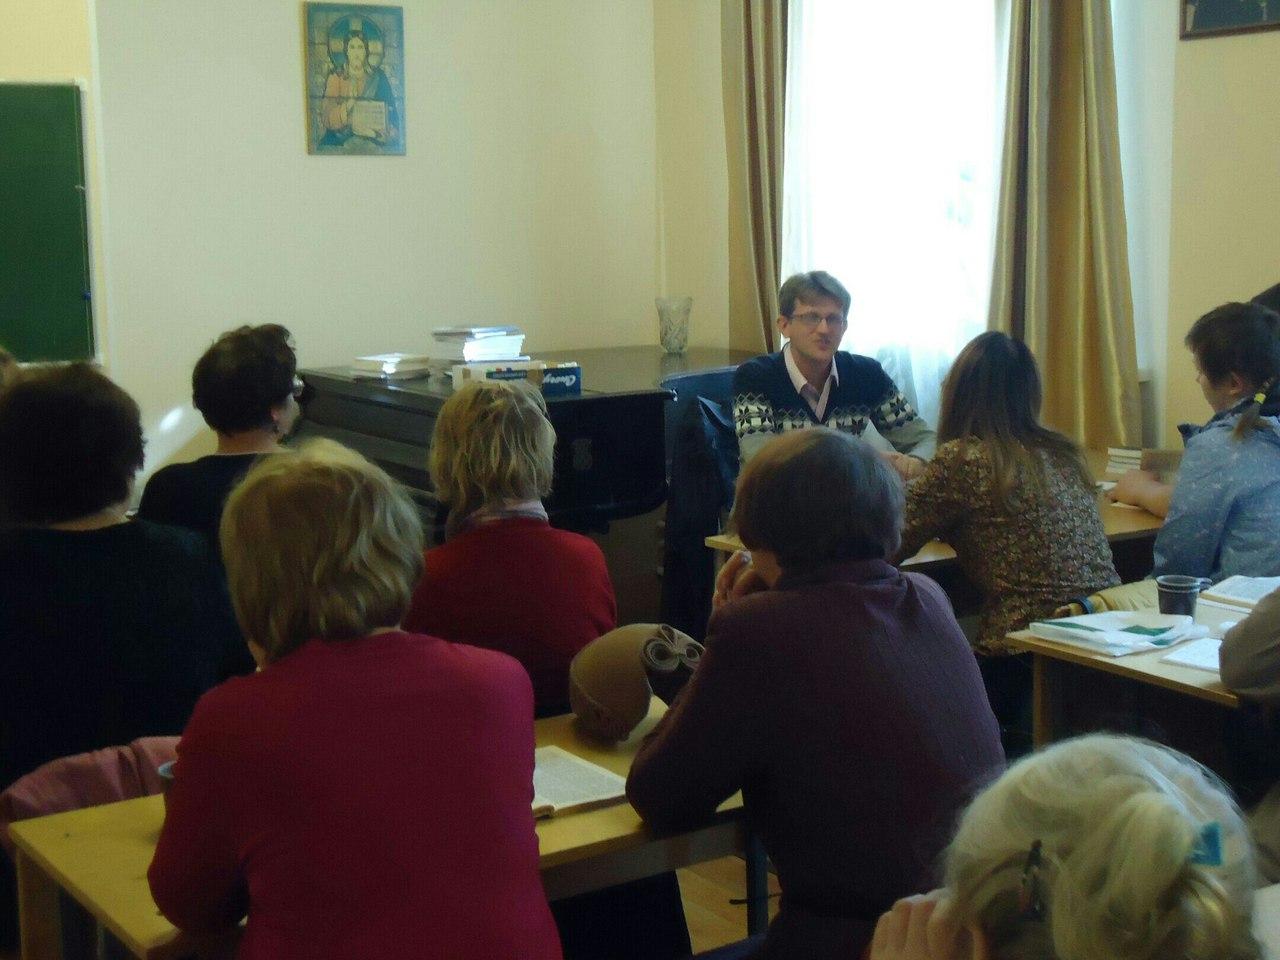 Занятие ведет преподаватель Санкт-Петербургской духовной академии Дмитрий Георгиевич Добыкин